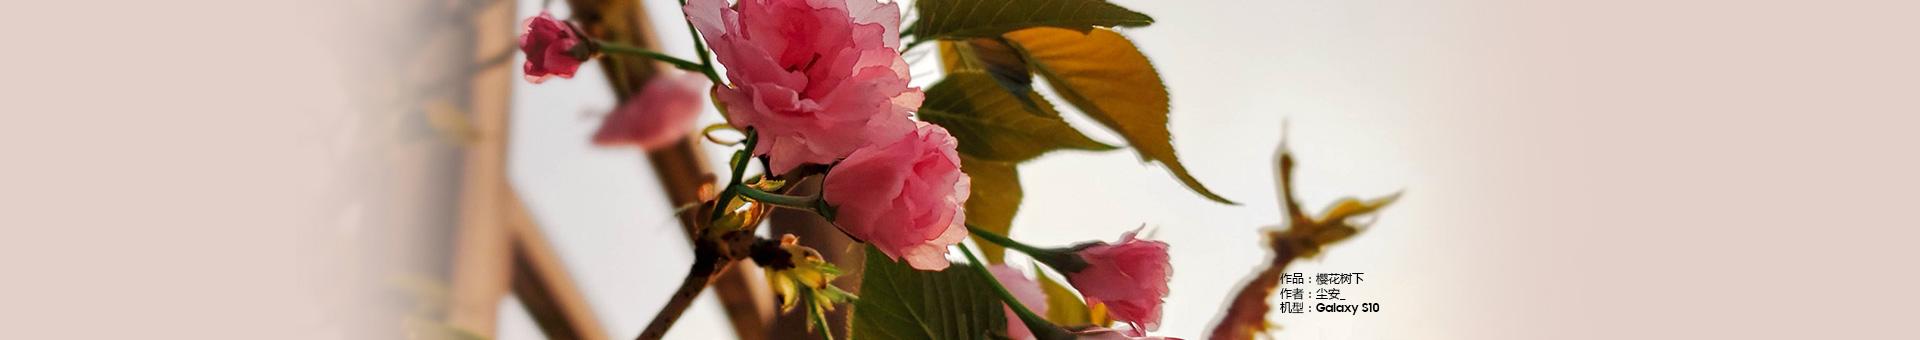 【阳光的味道】+樱花树下